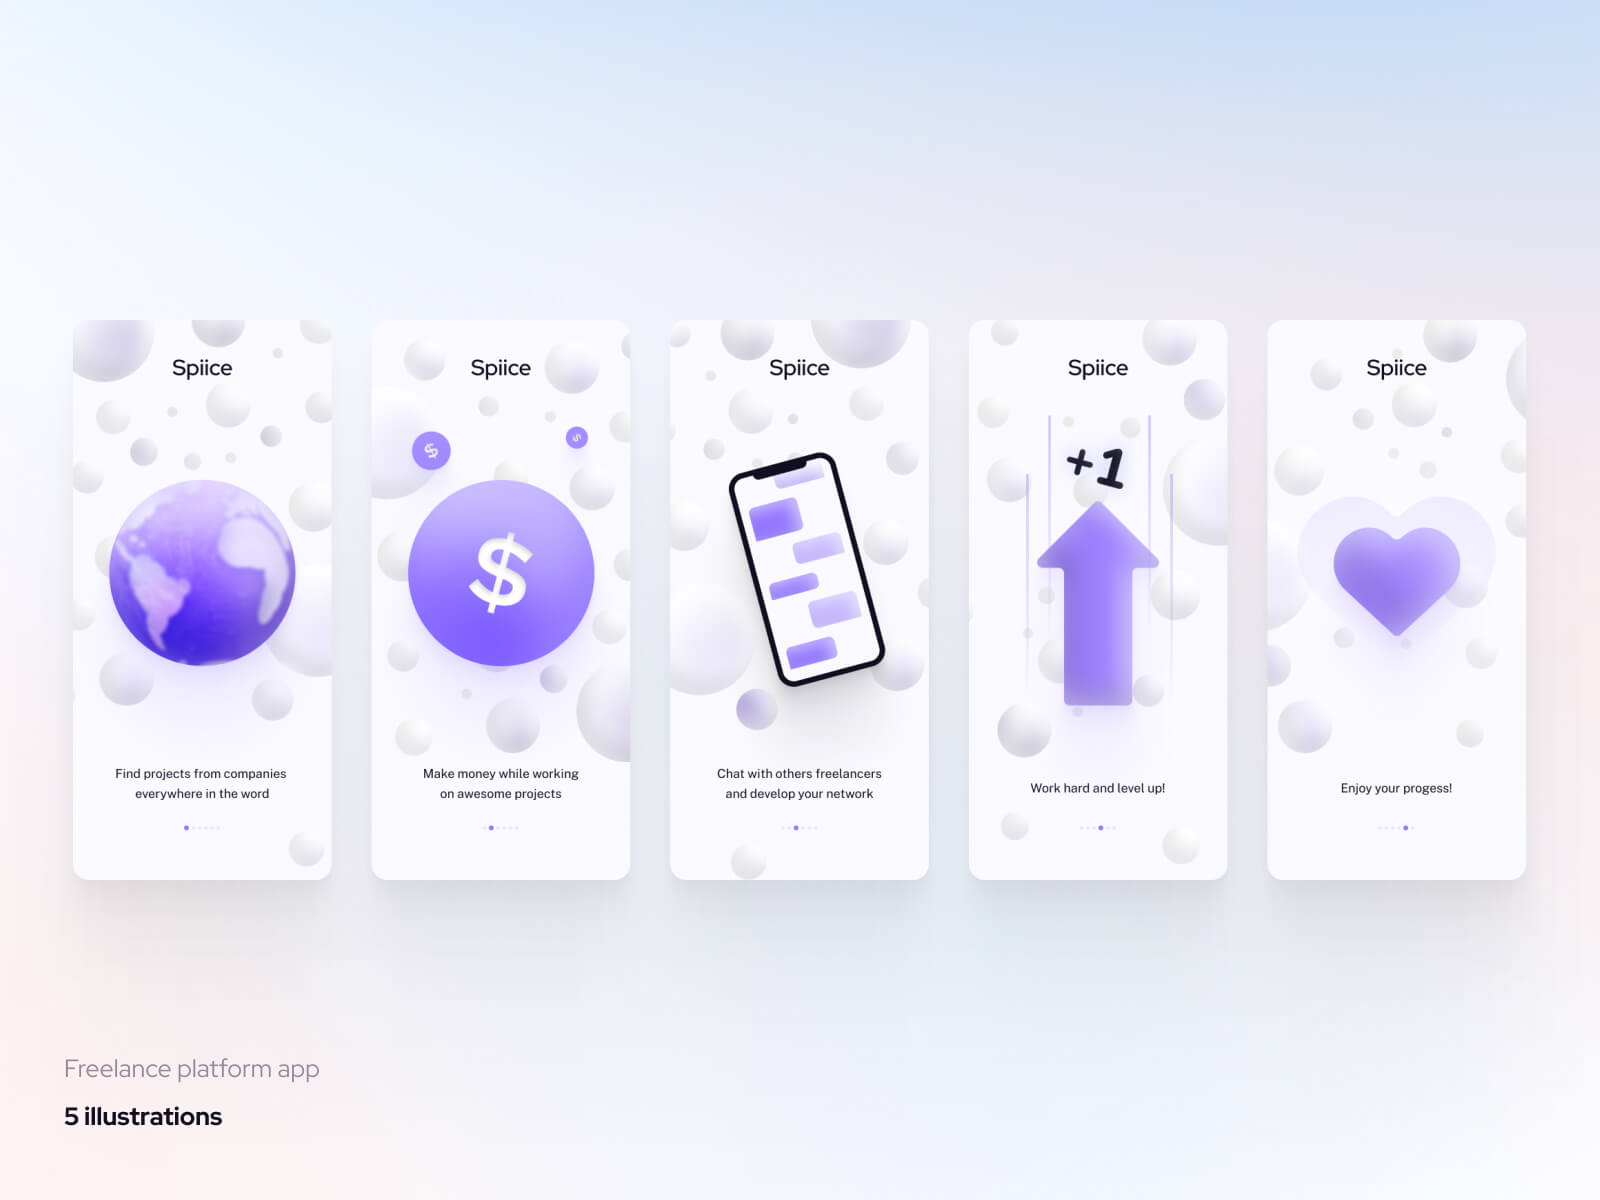 Freelance Platform App 2 - UI Freebies